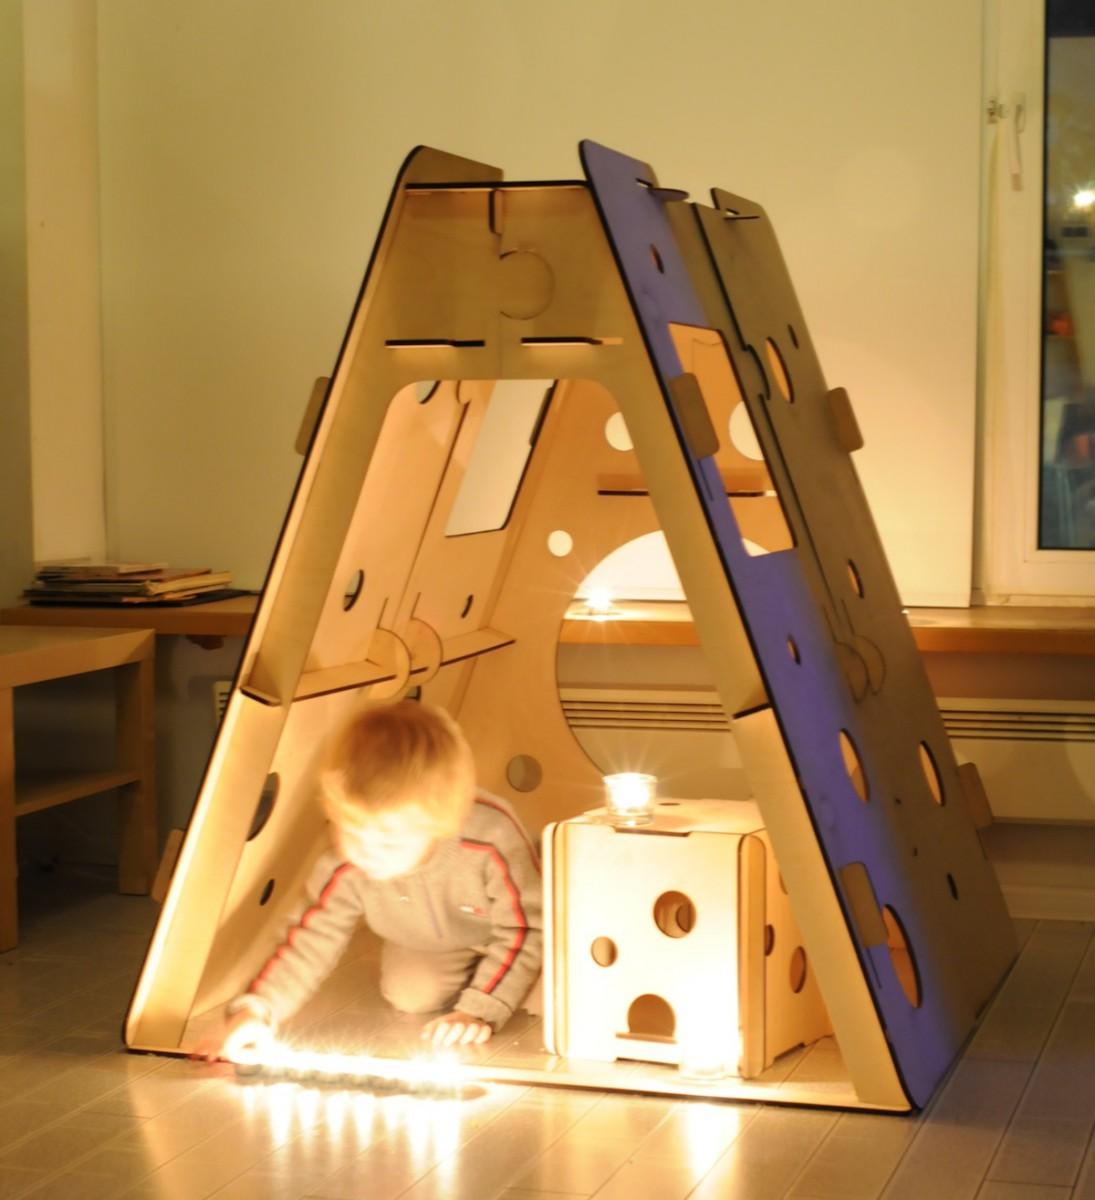 Домик для детей своими руками. Фото. Складной домик для детей 61